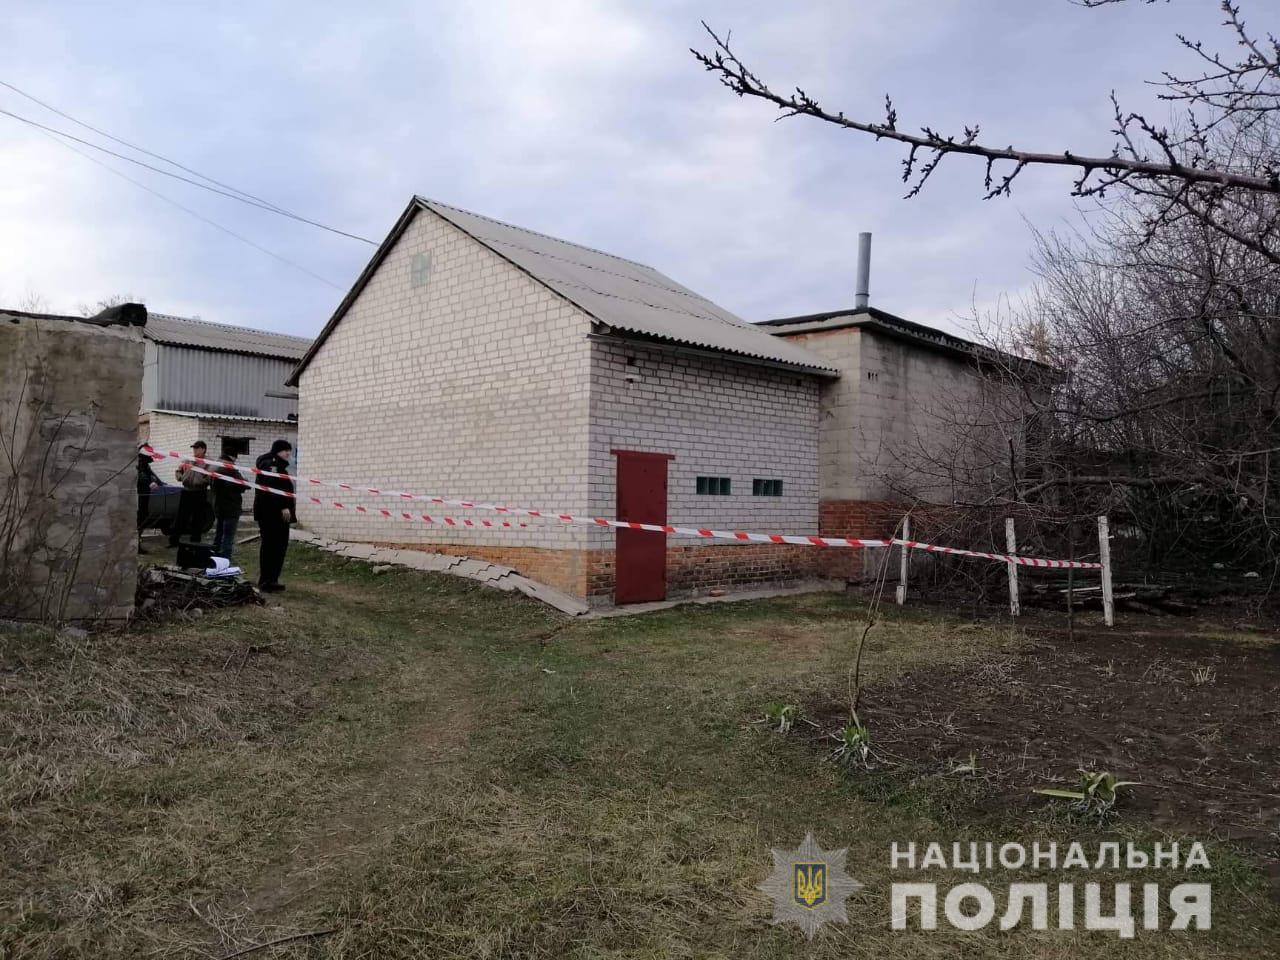 На Харьковщине мужчина решил разрешить уличный спор гранатой